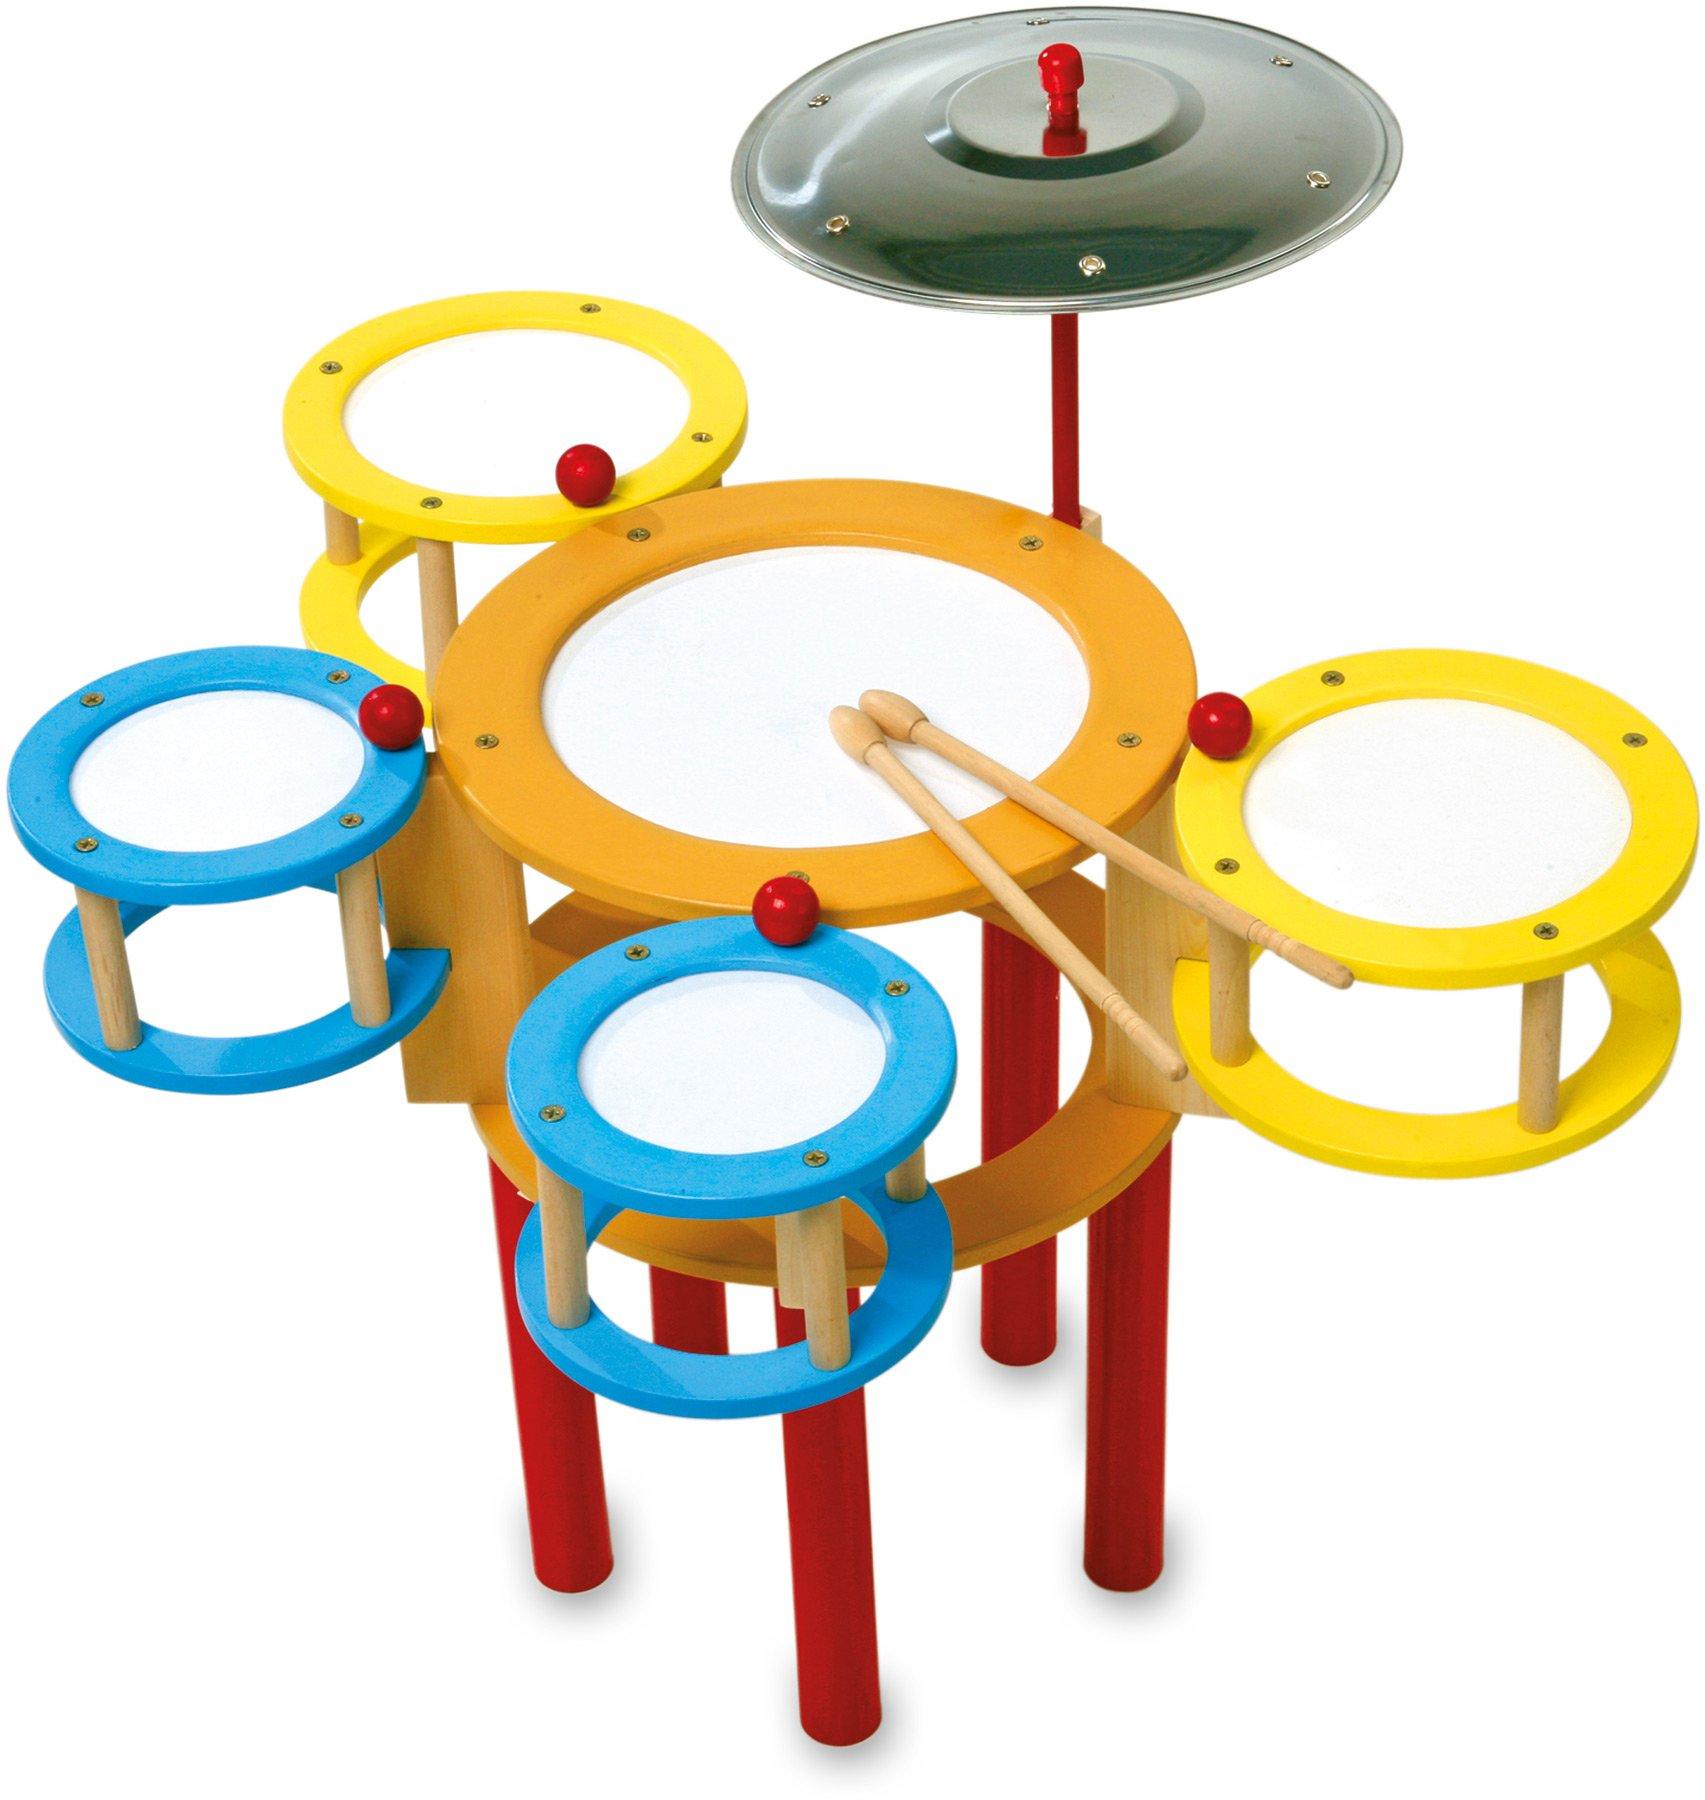 Rent musical toys Bergamo